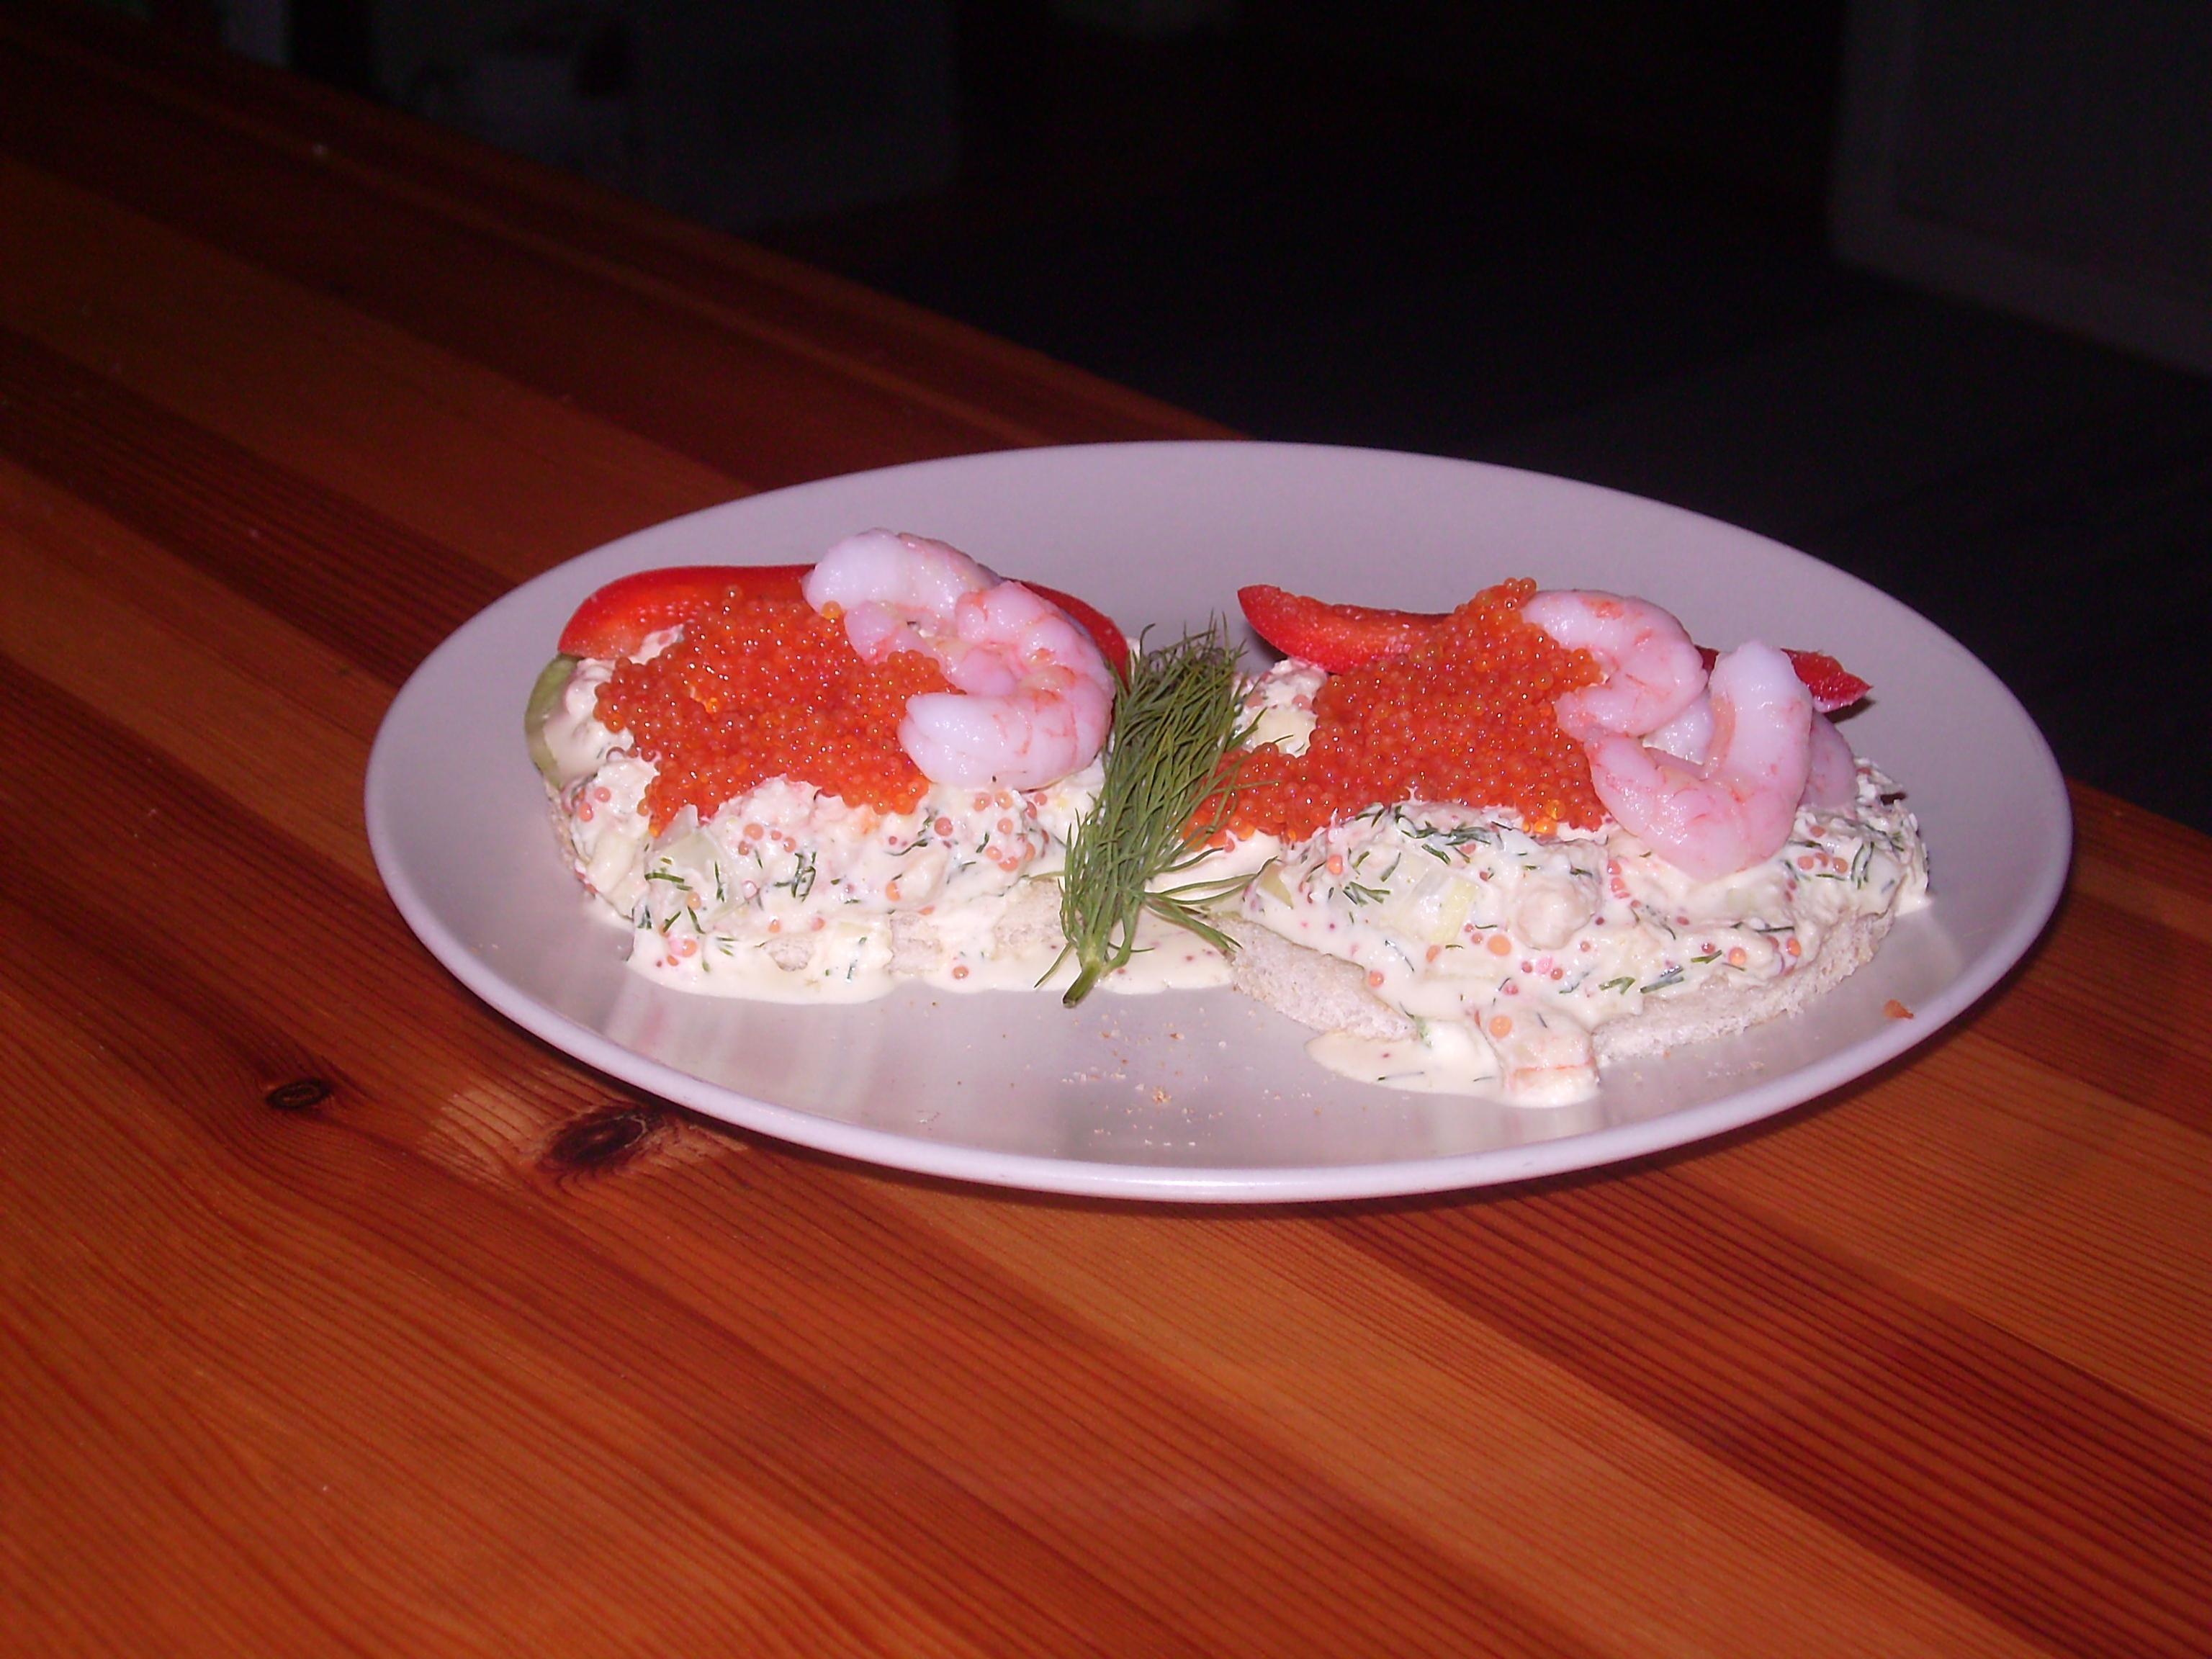 hemmagjord skagenröra utan majonäs